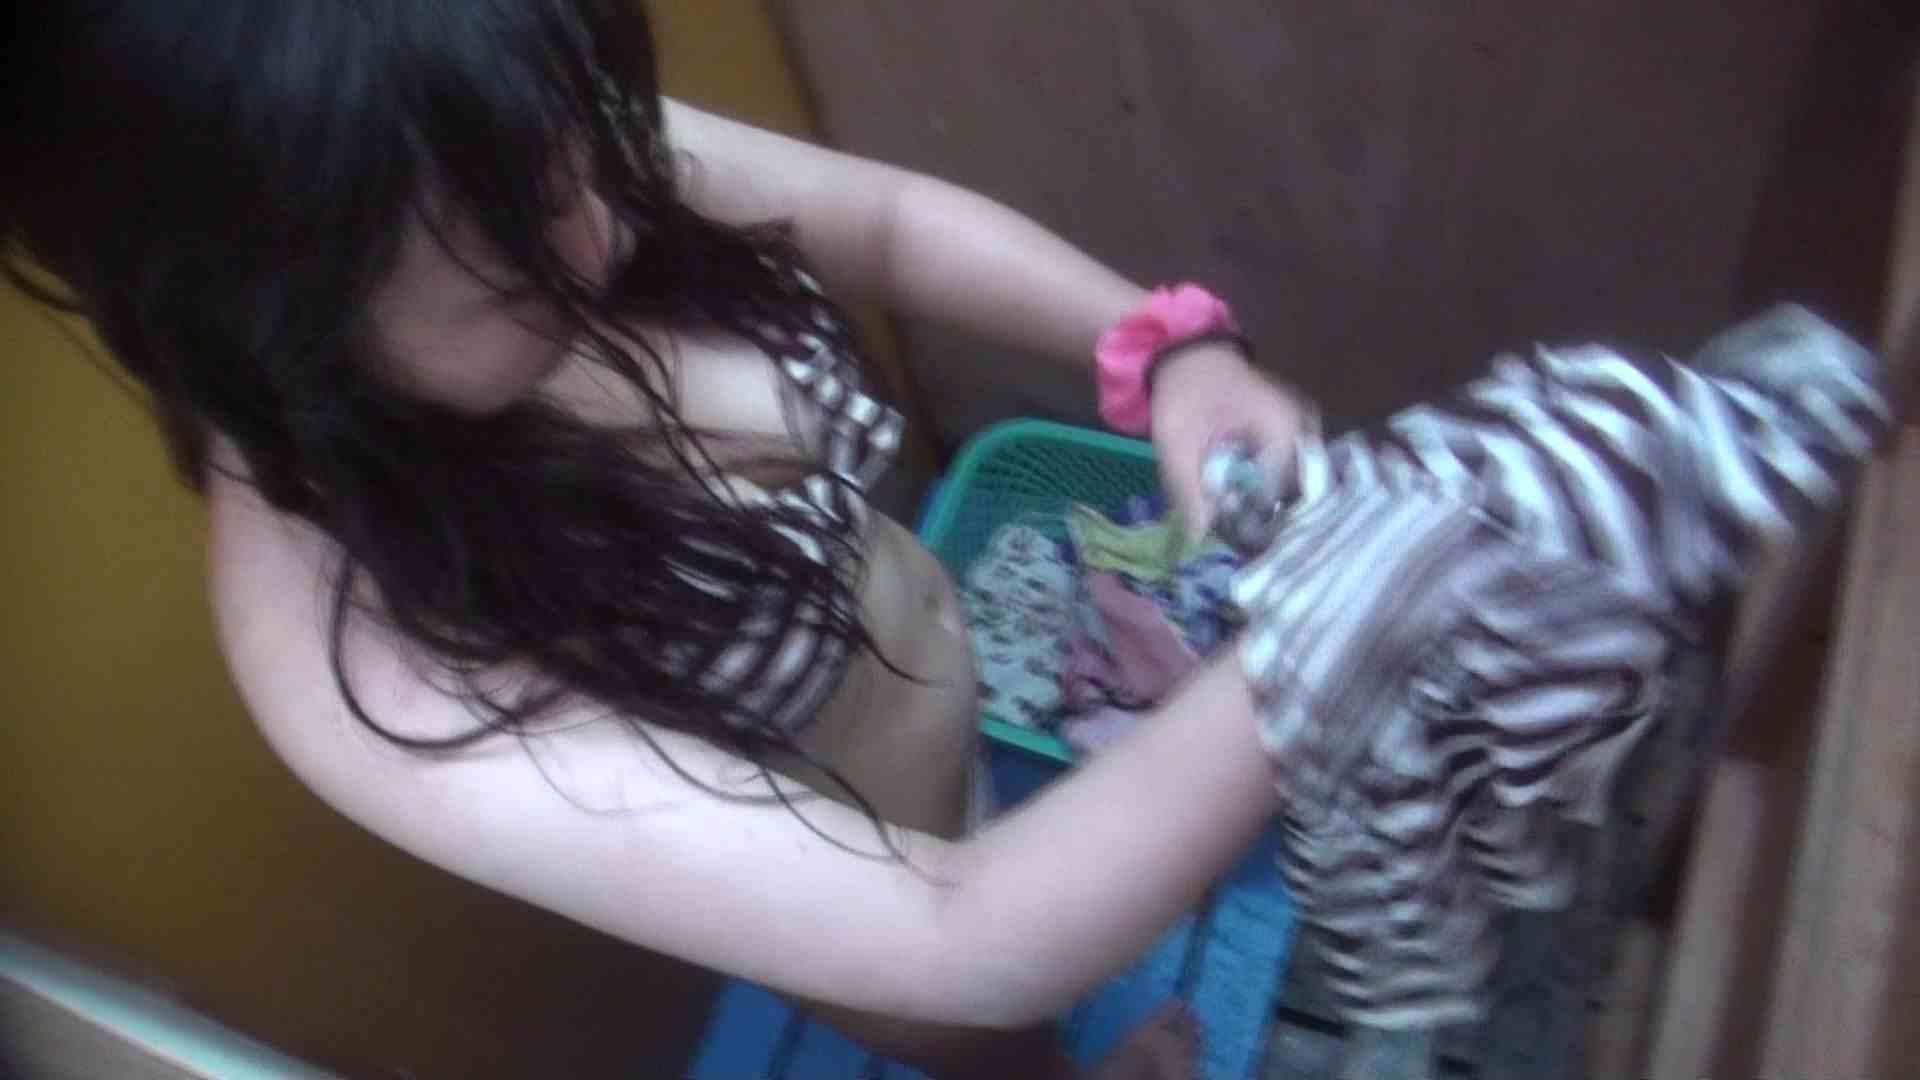 シャワールームは超!!危険な香りVol.13 ムッチムチのいやらしい身体つき シャワー  111pic 31